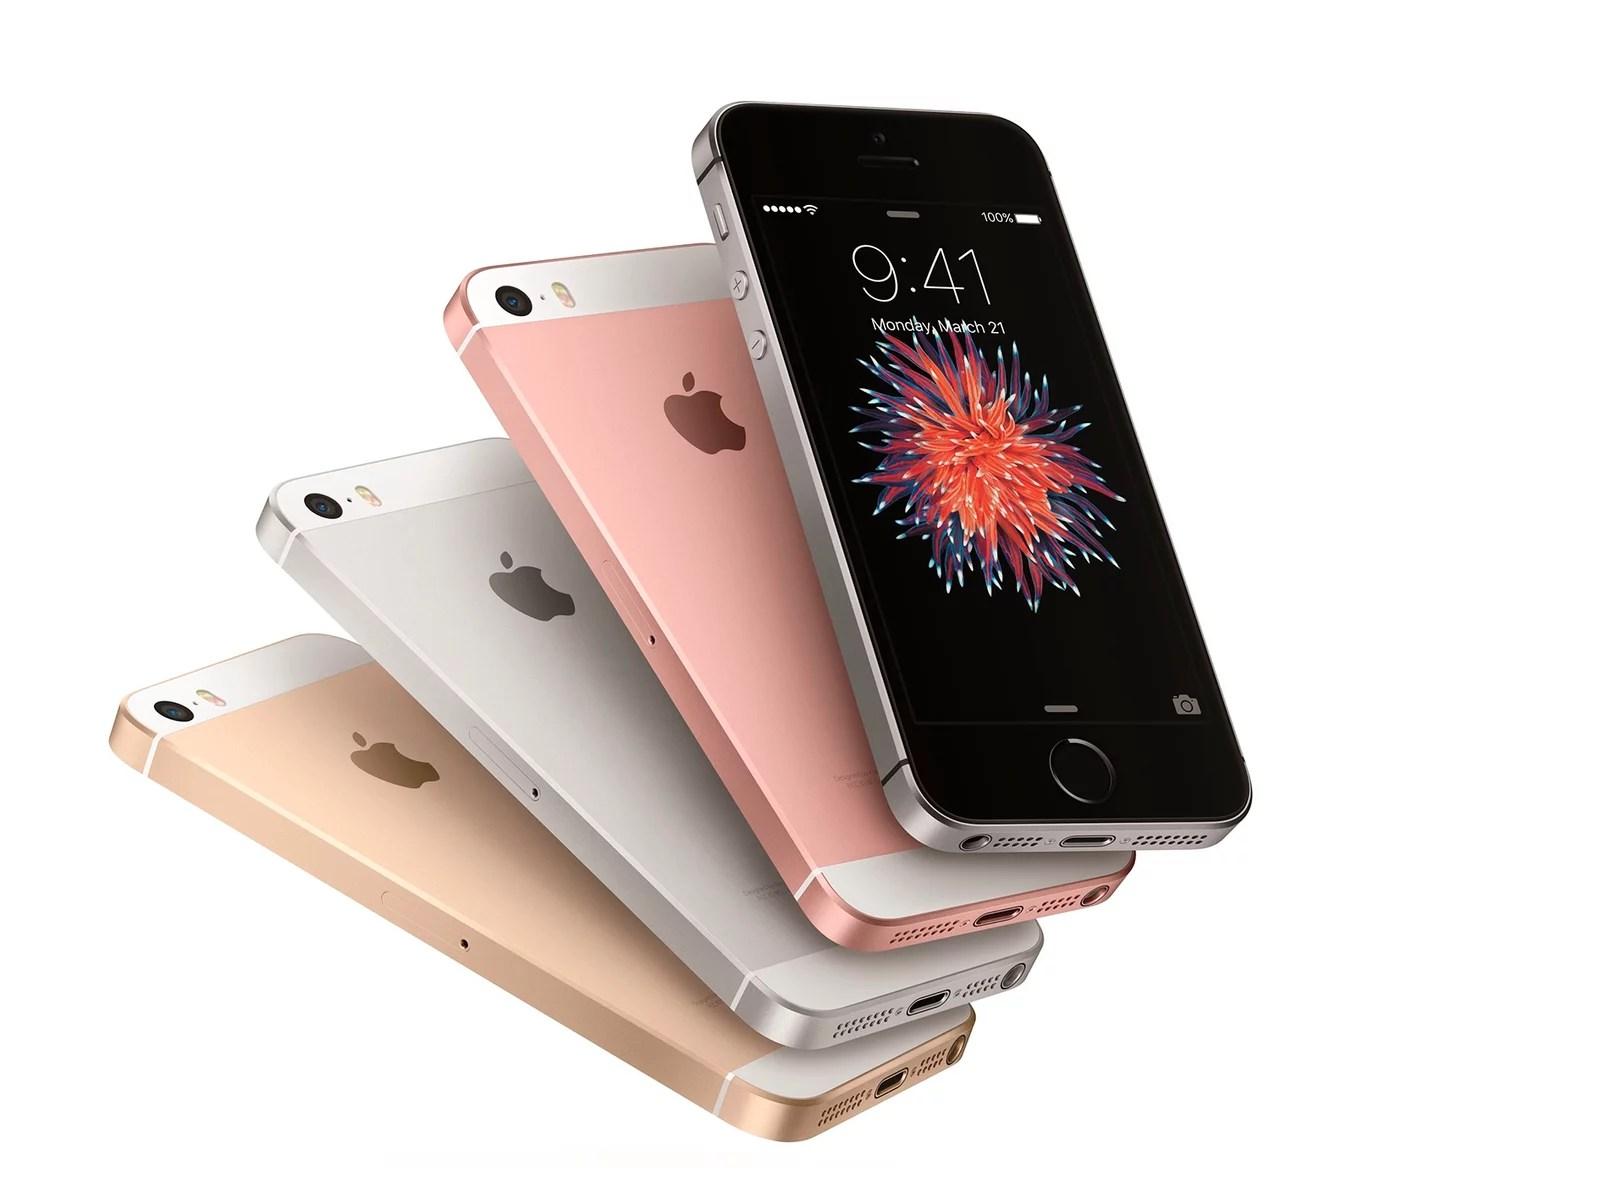 Arreglar un iPhone antiguo que está obsoleto